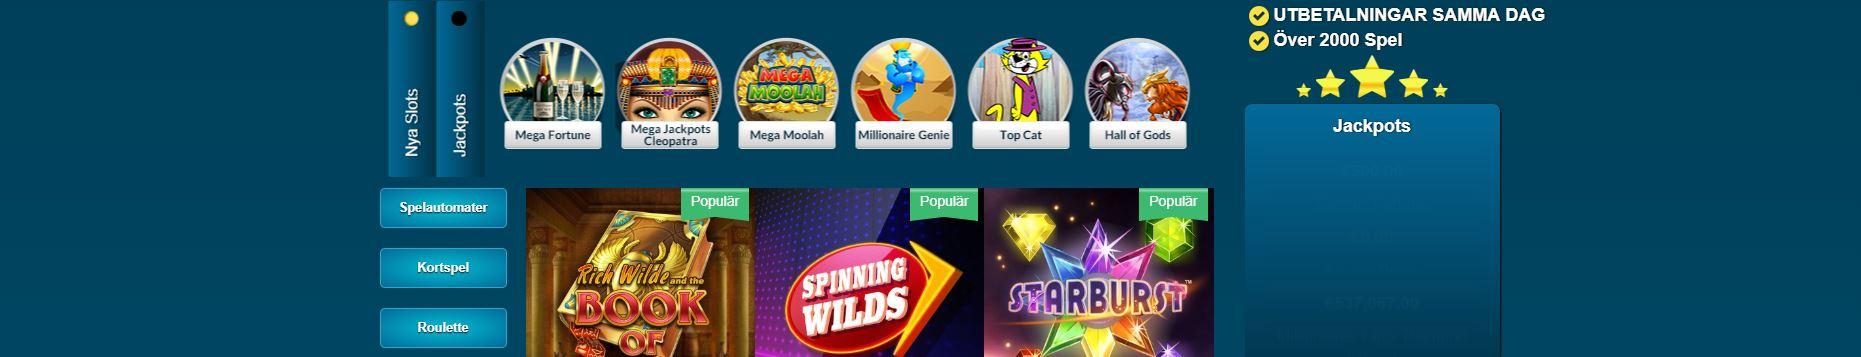 eu casino recension och betyg för svenska online casino bild 3